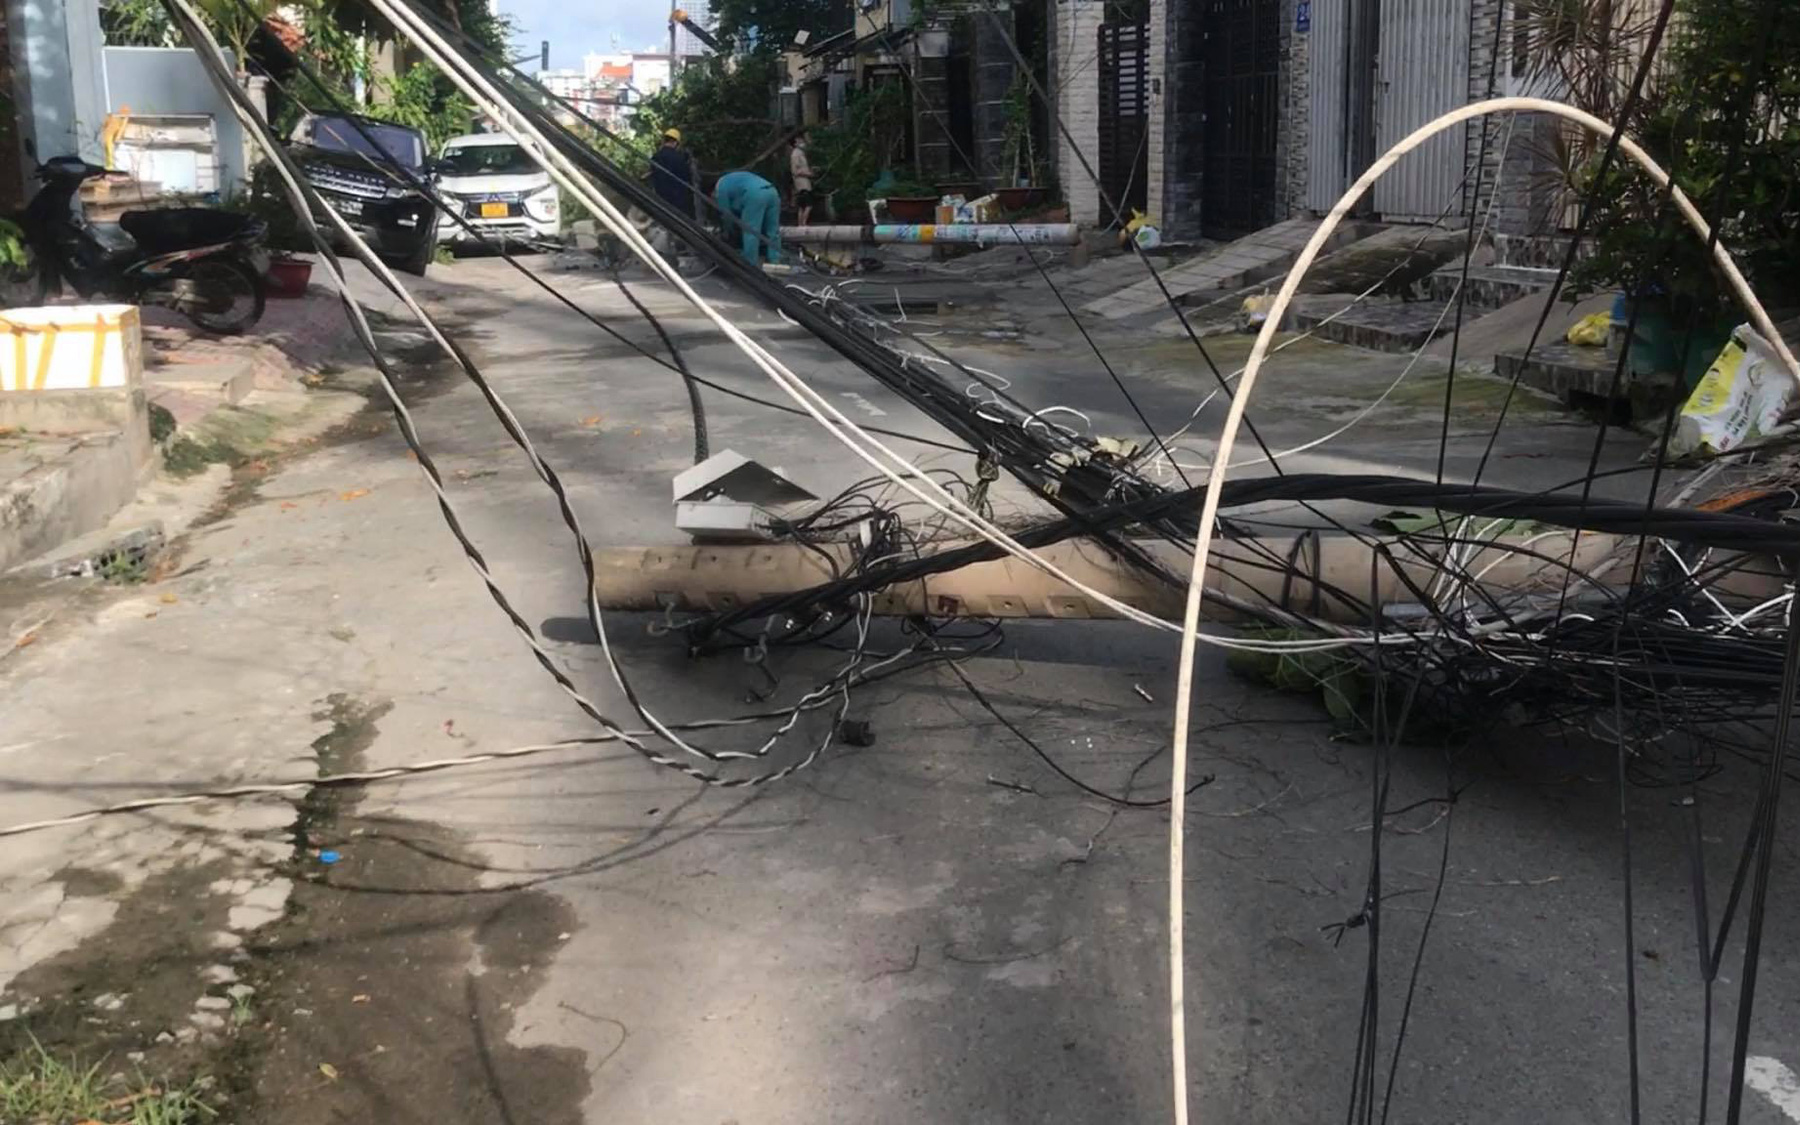 TP.HCM: Thùng container bị vướng, kéo đổ hàng loạt trụ điện trên đường